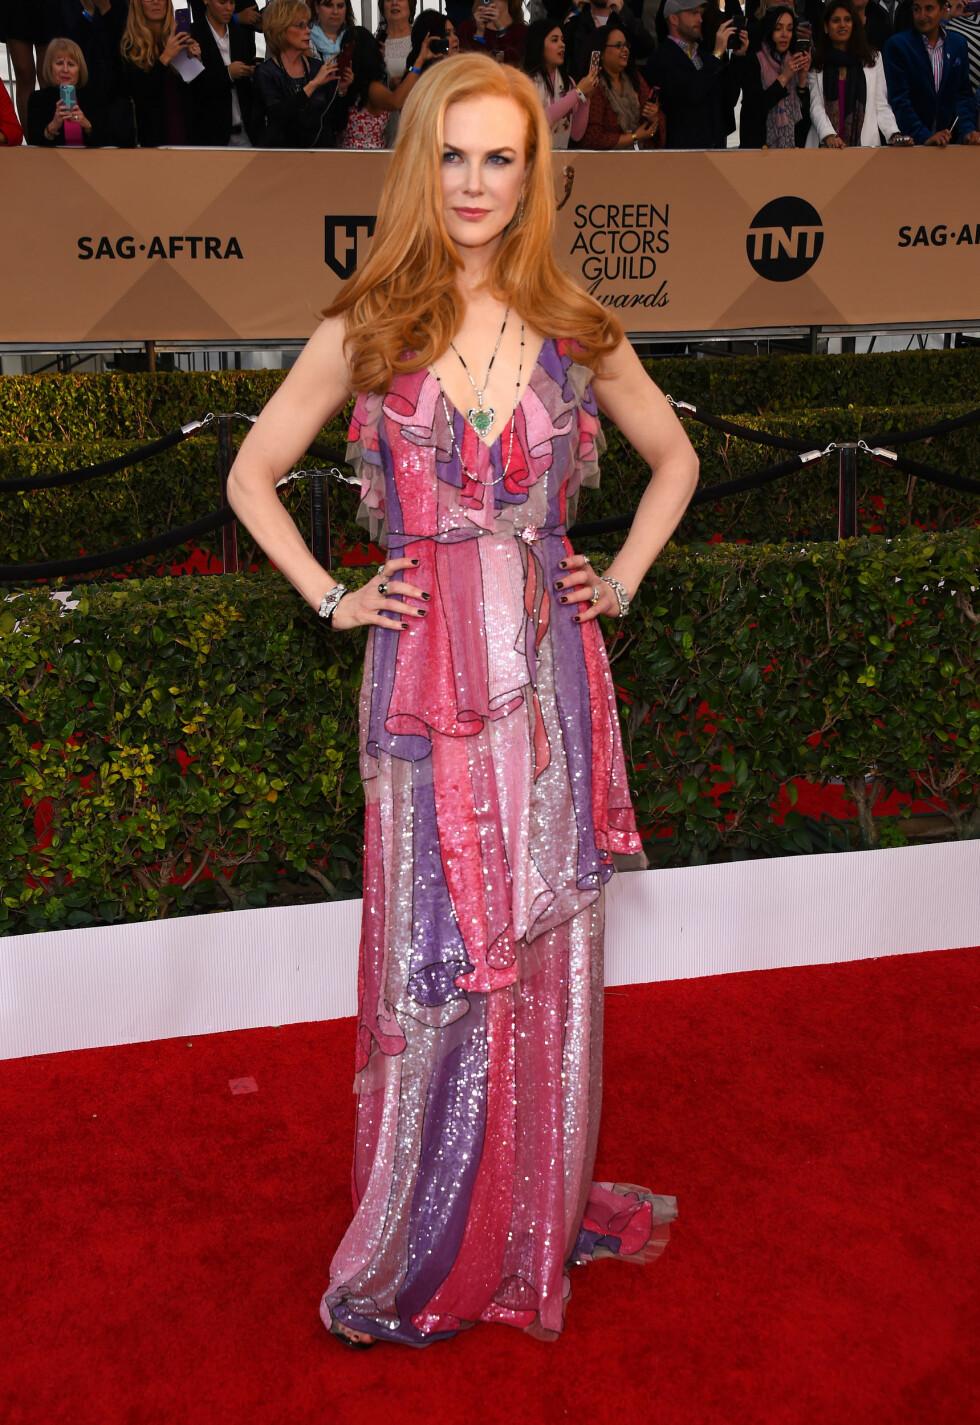 FARGEKLATT: Nicole Kidman så helt fantastisk ut i en fargerik, fotsid kreasjon.  Foto: Pa Photos